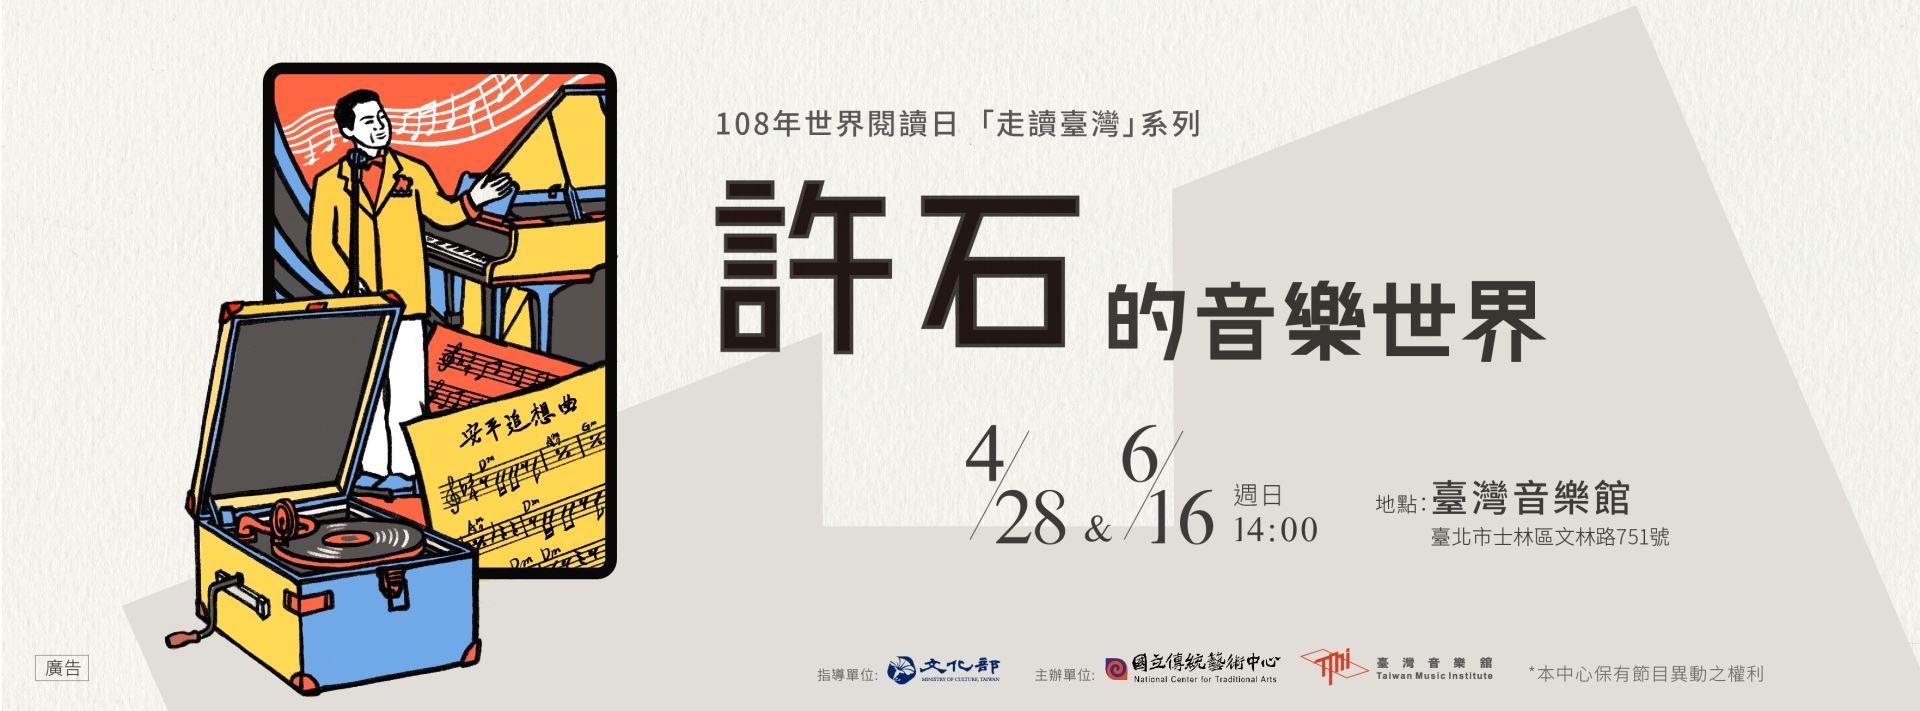 108年世界閱讀日「走讀臺灣」系列— 許石的音樂世界[另開新視窗]